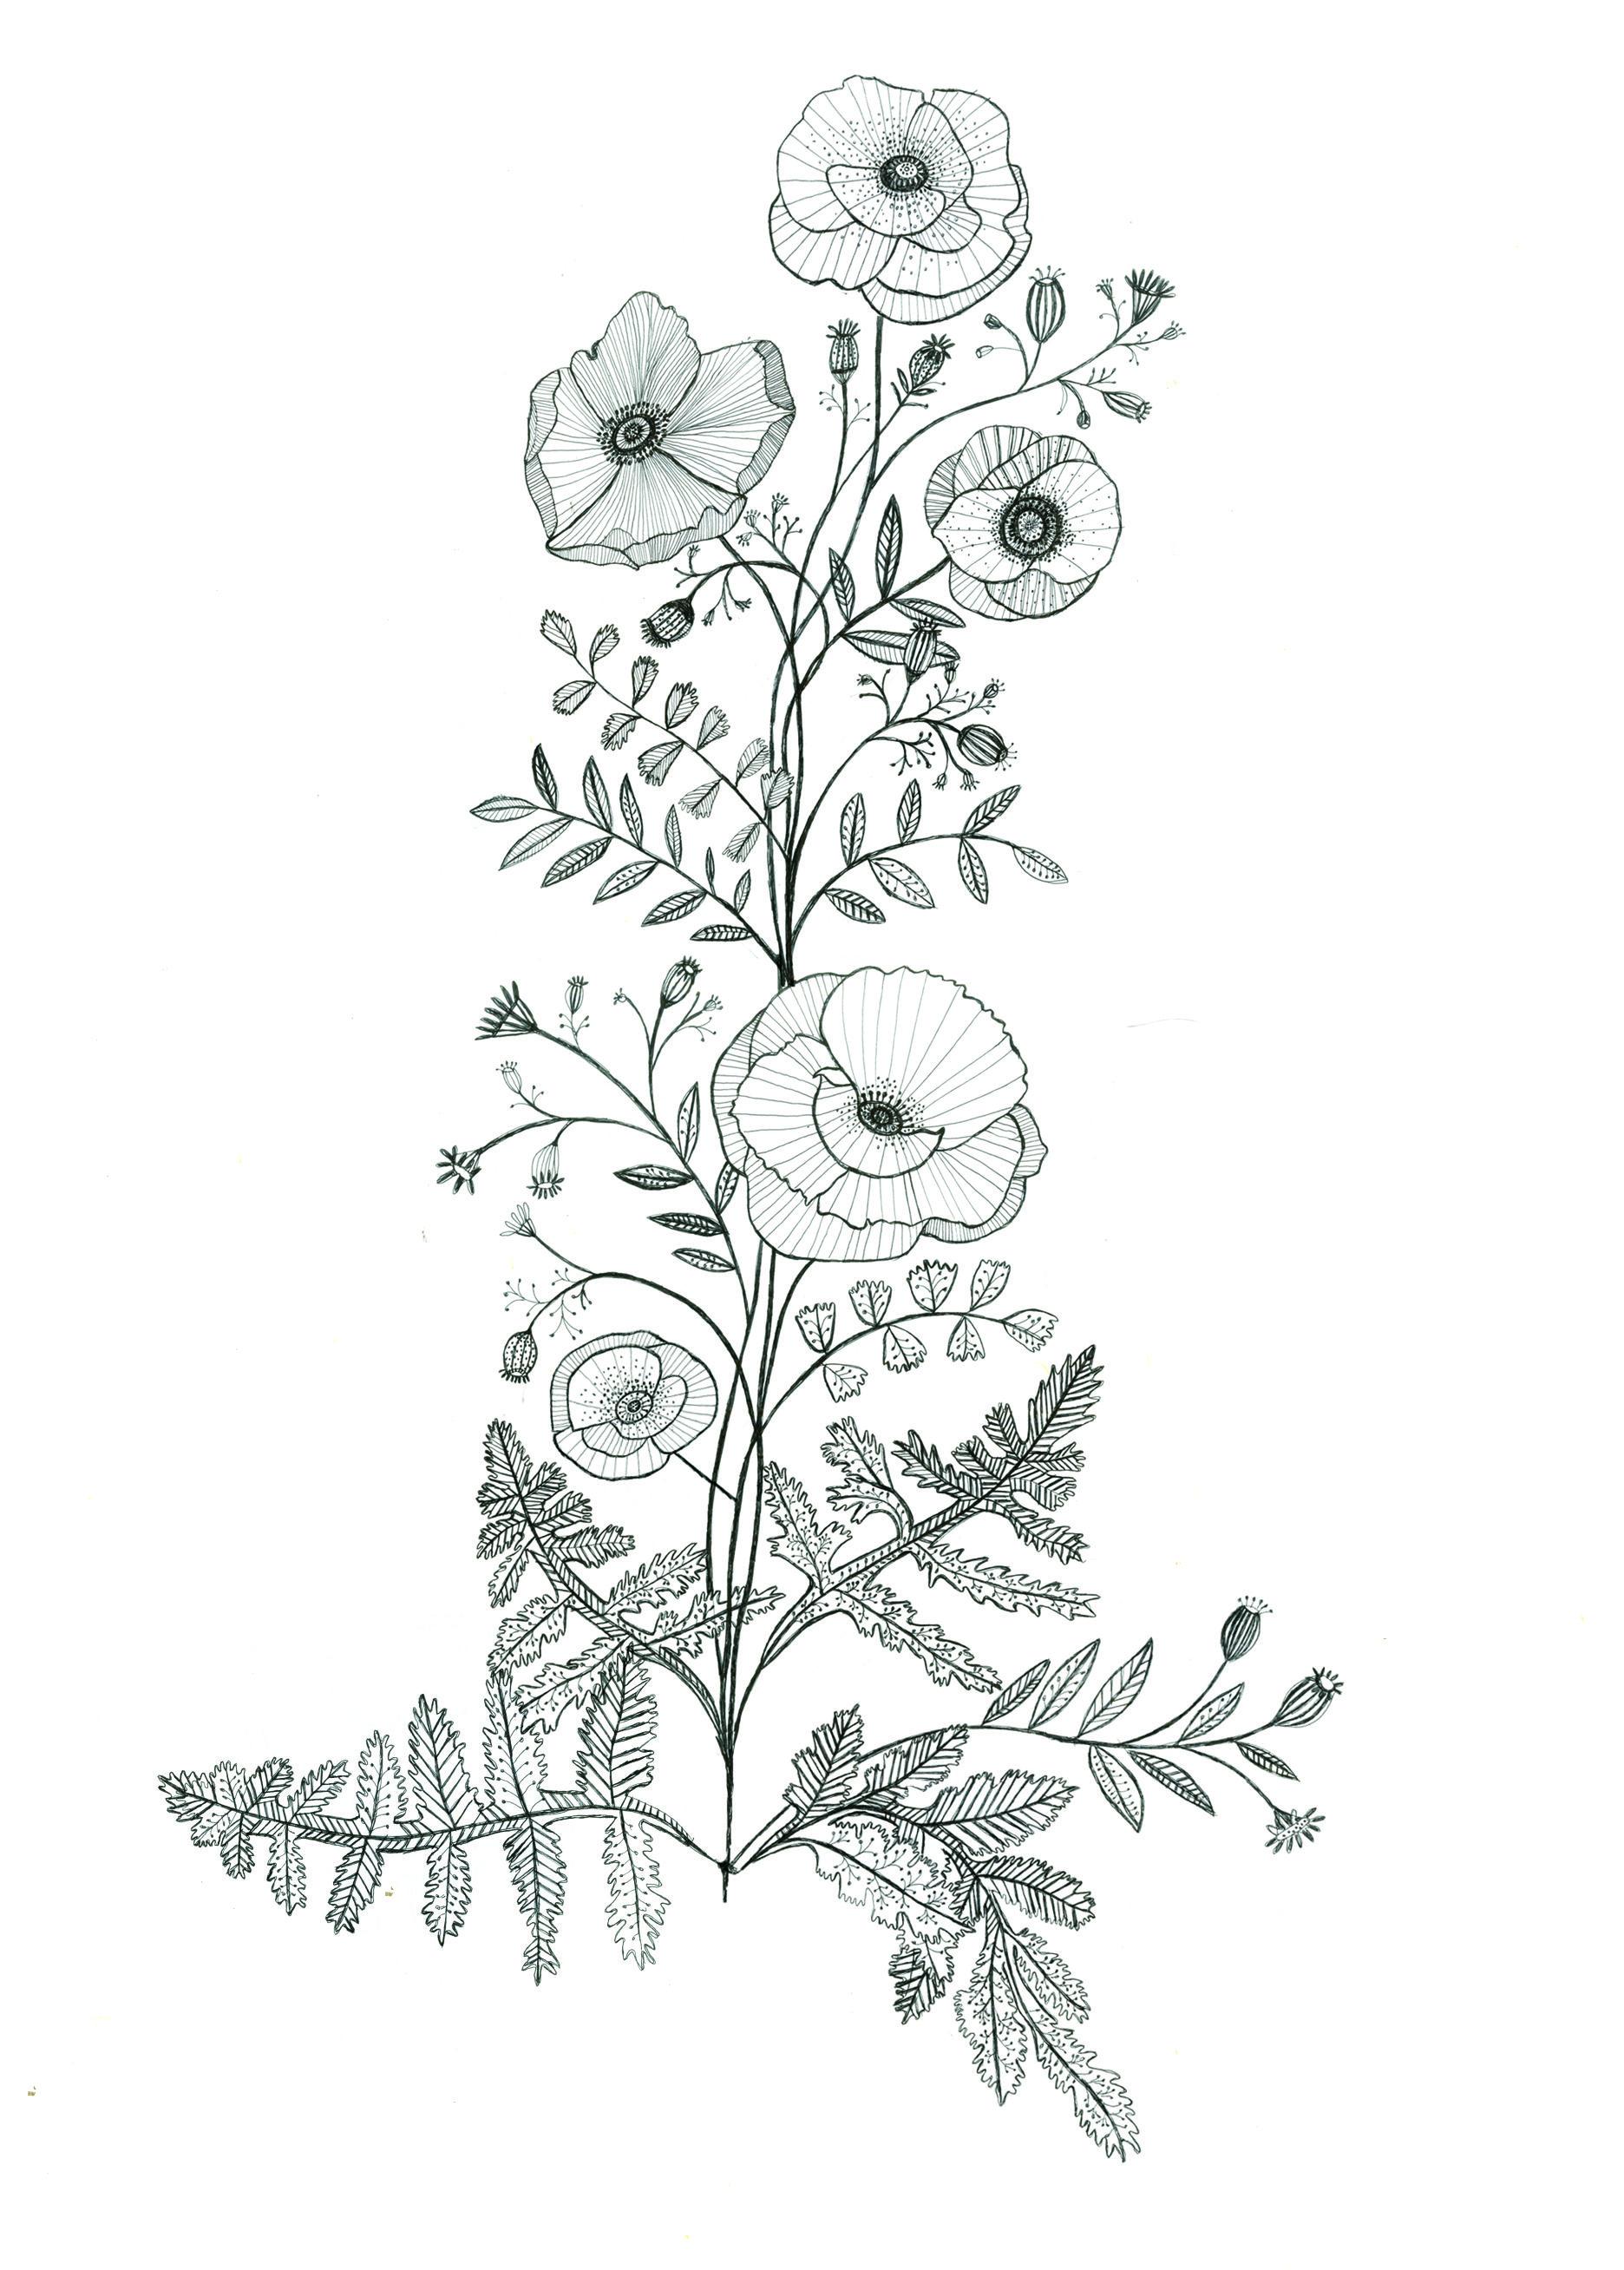 Poppy tattoo design by Katt Frank | to draw to draw ...